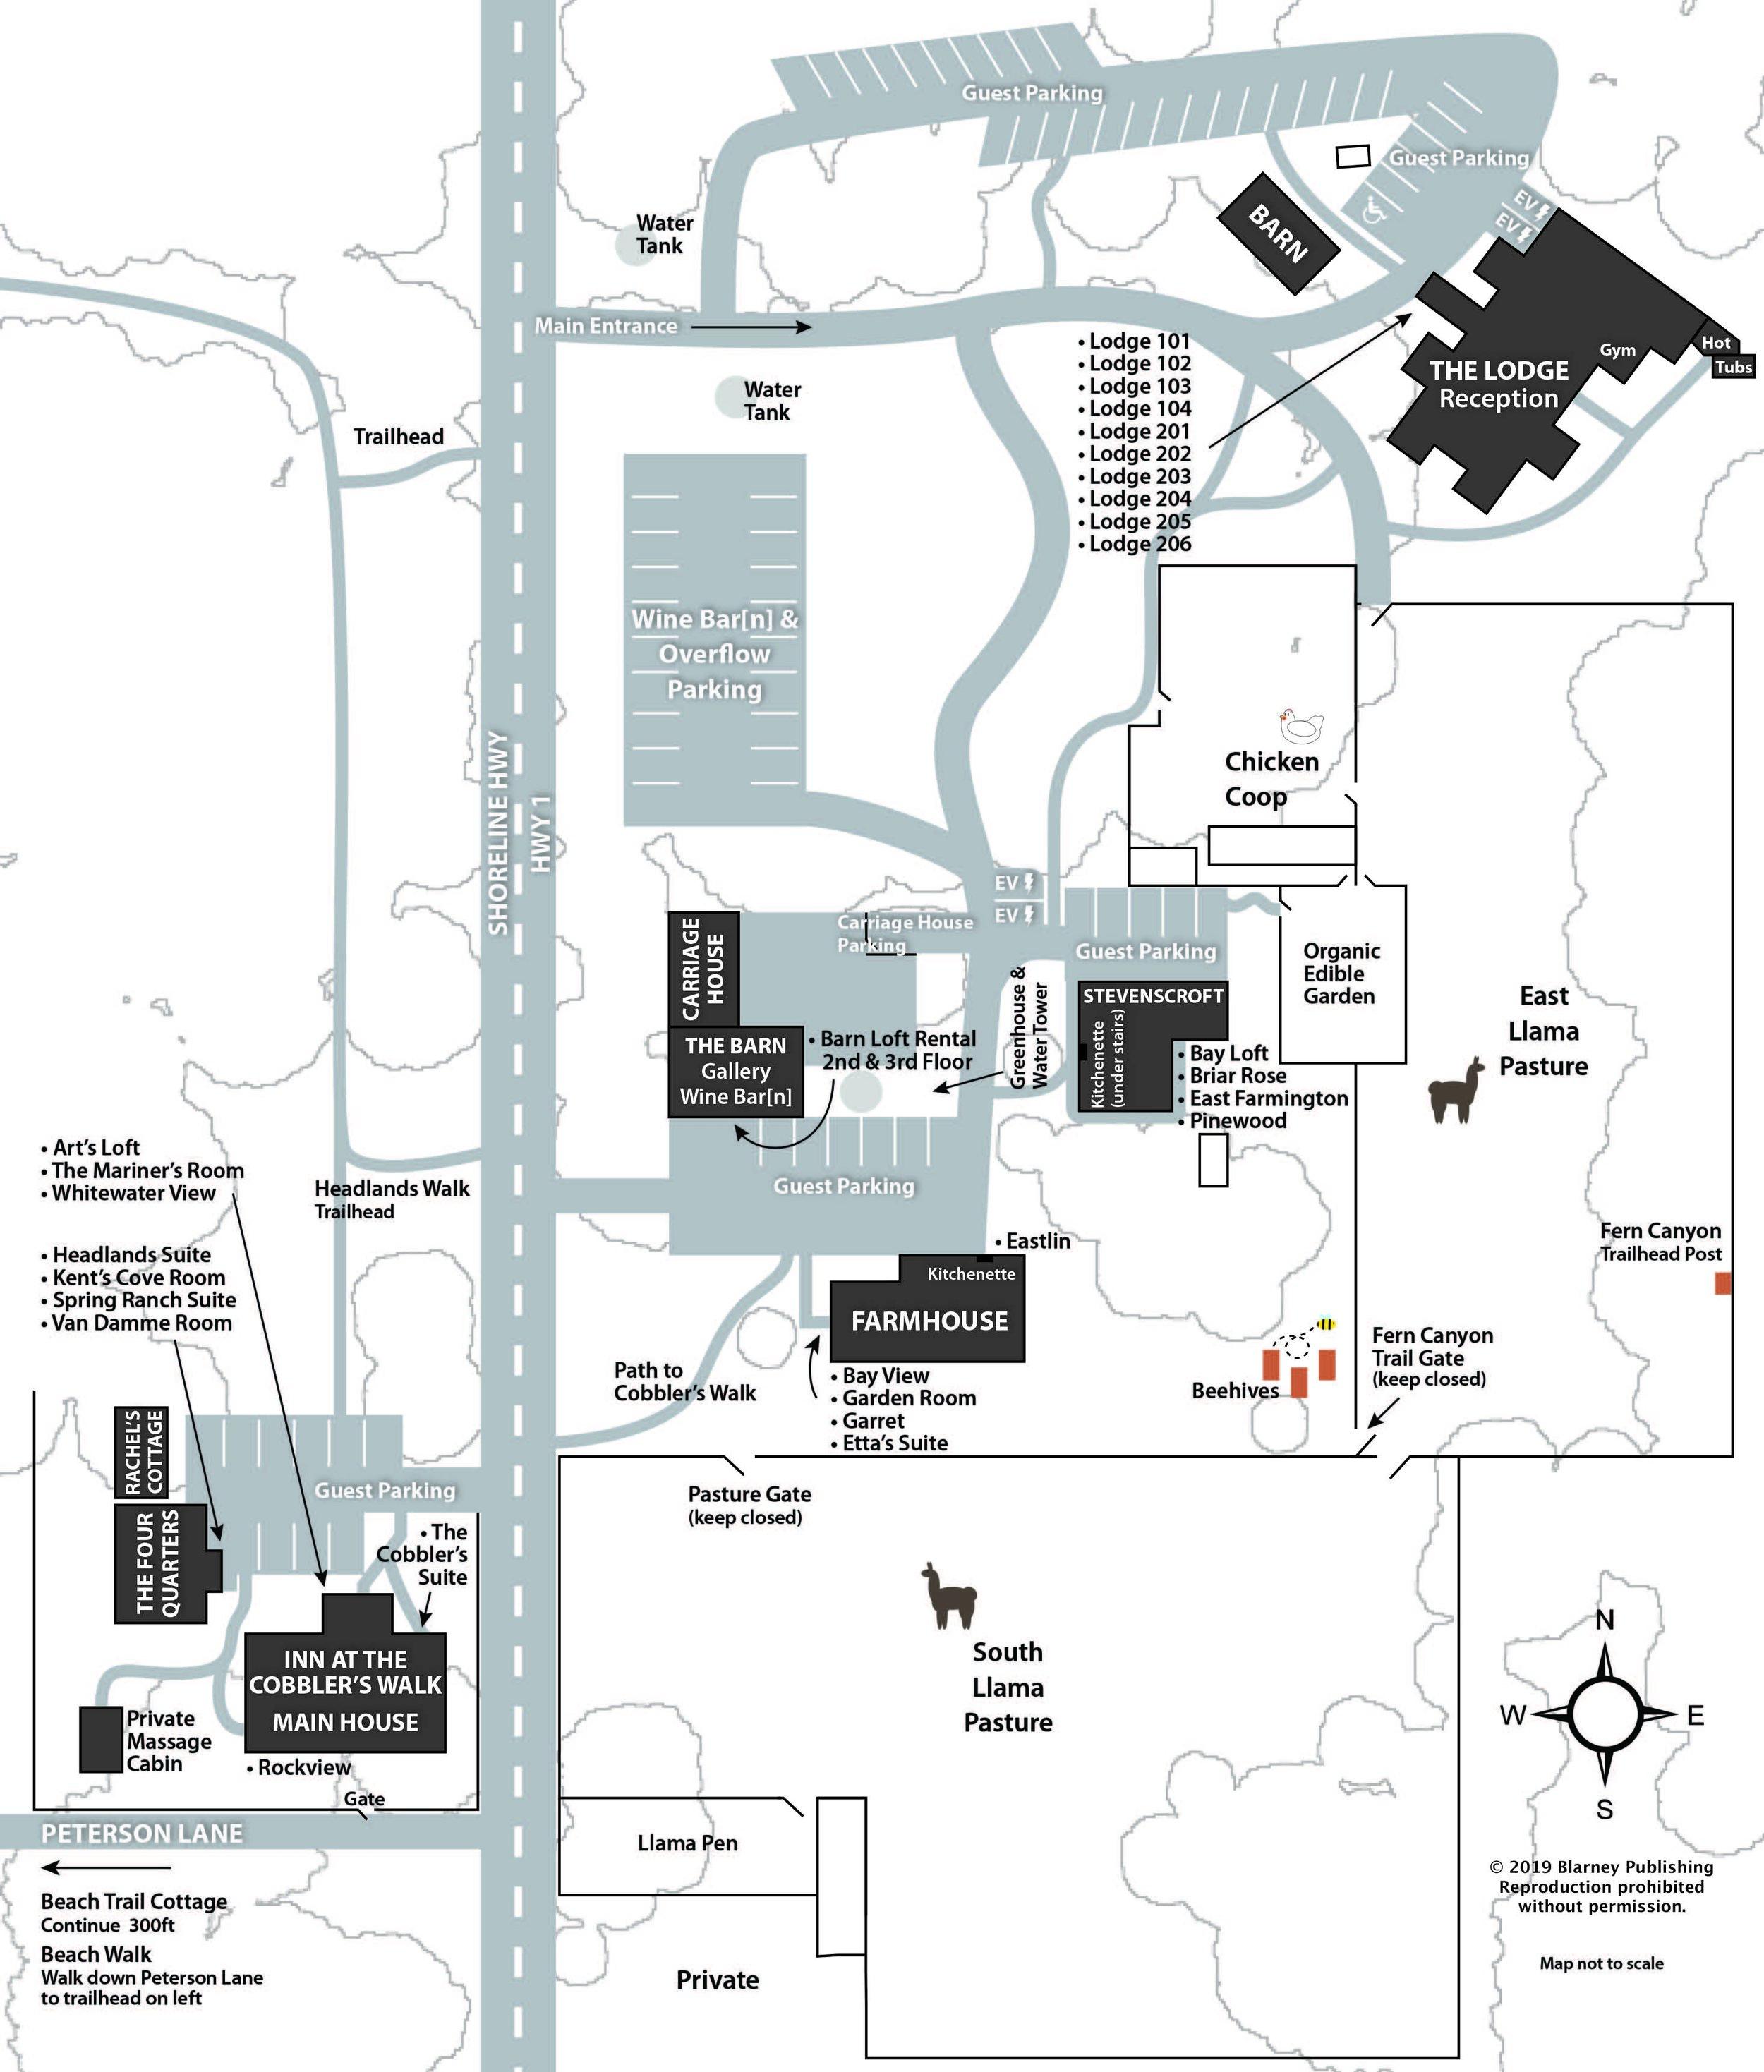 Map of Glendeven Inn ~ click for larger version